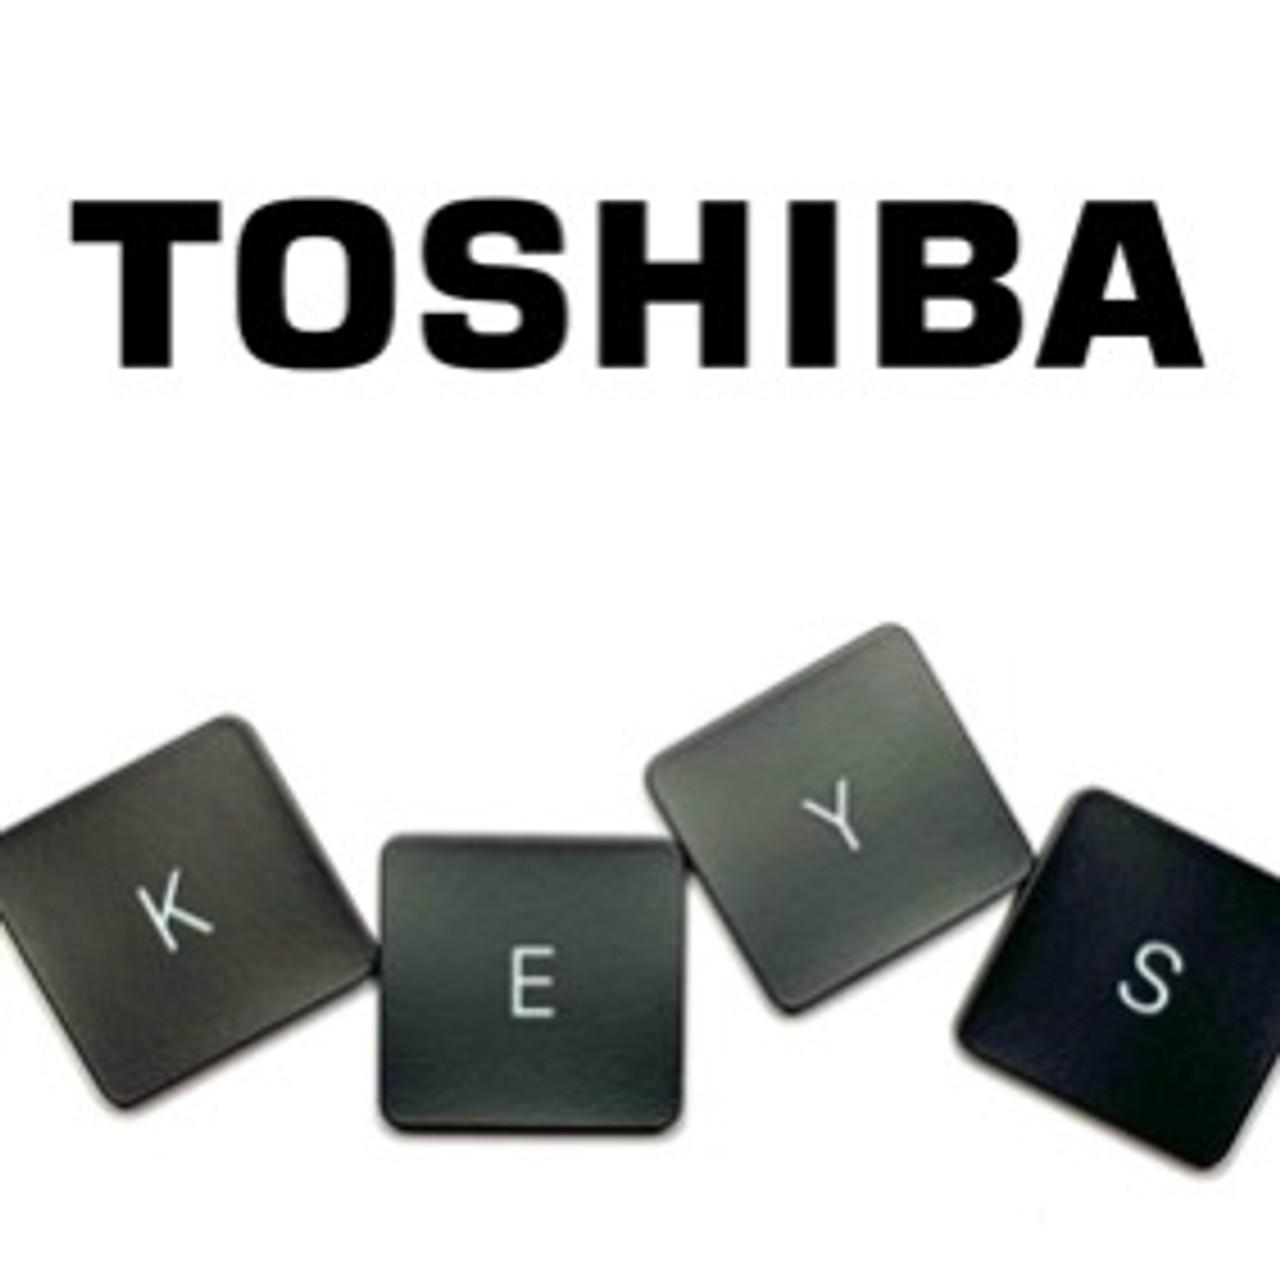 Toshiba Portege z30t-A Laptop Keyboard Key Replacement